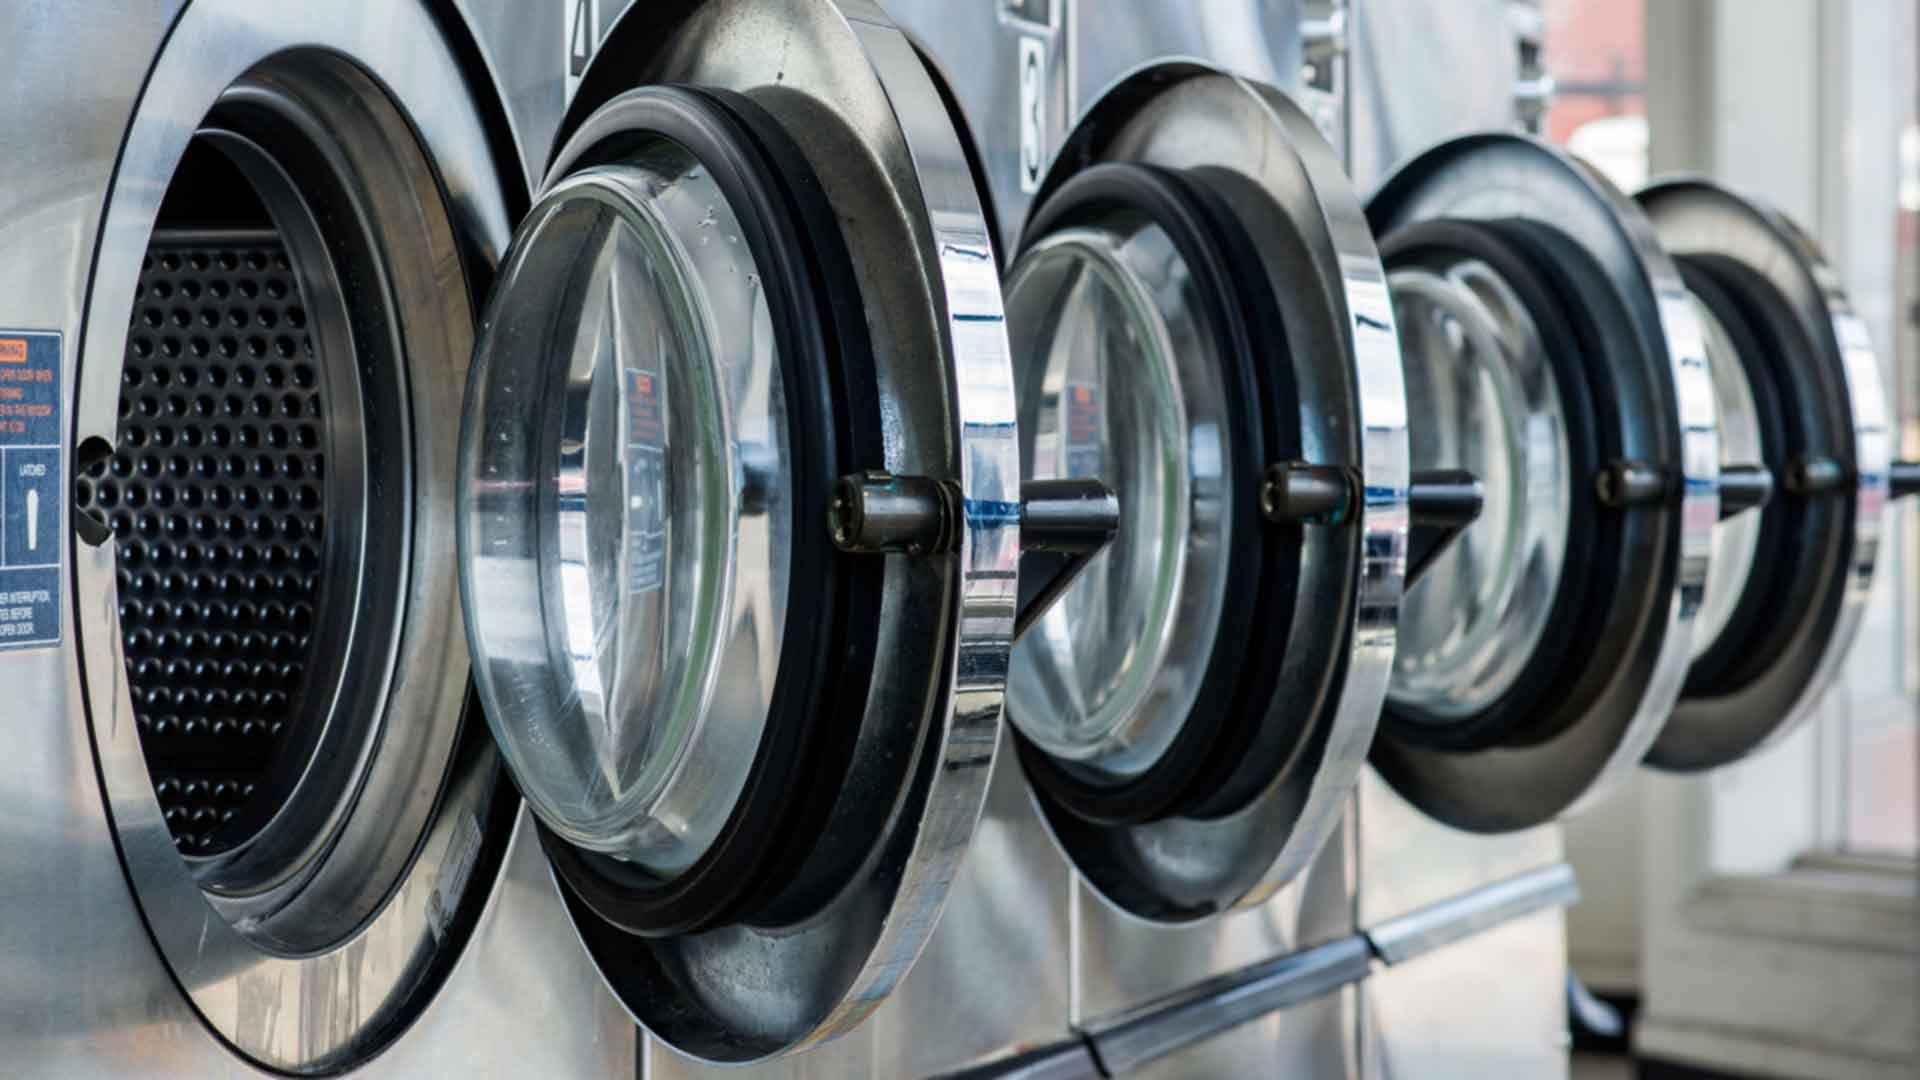 Waschmaschine Reinigen Klar Waschmaschinen Mussen Ab Und Zu